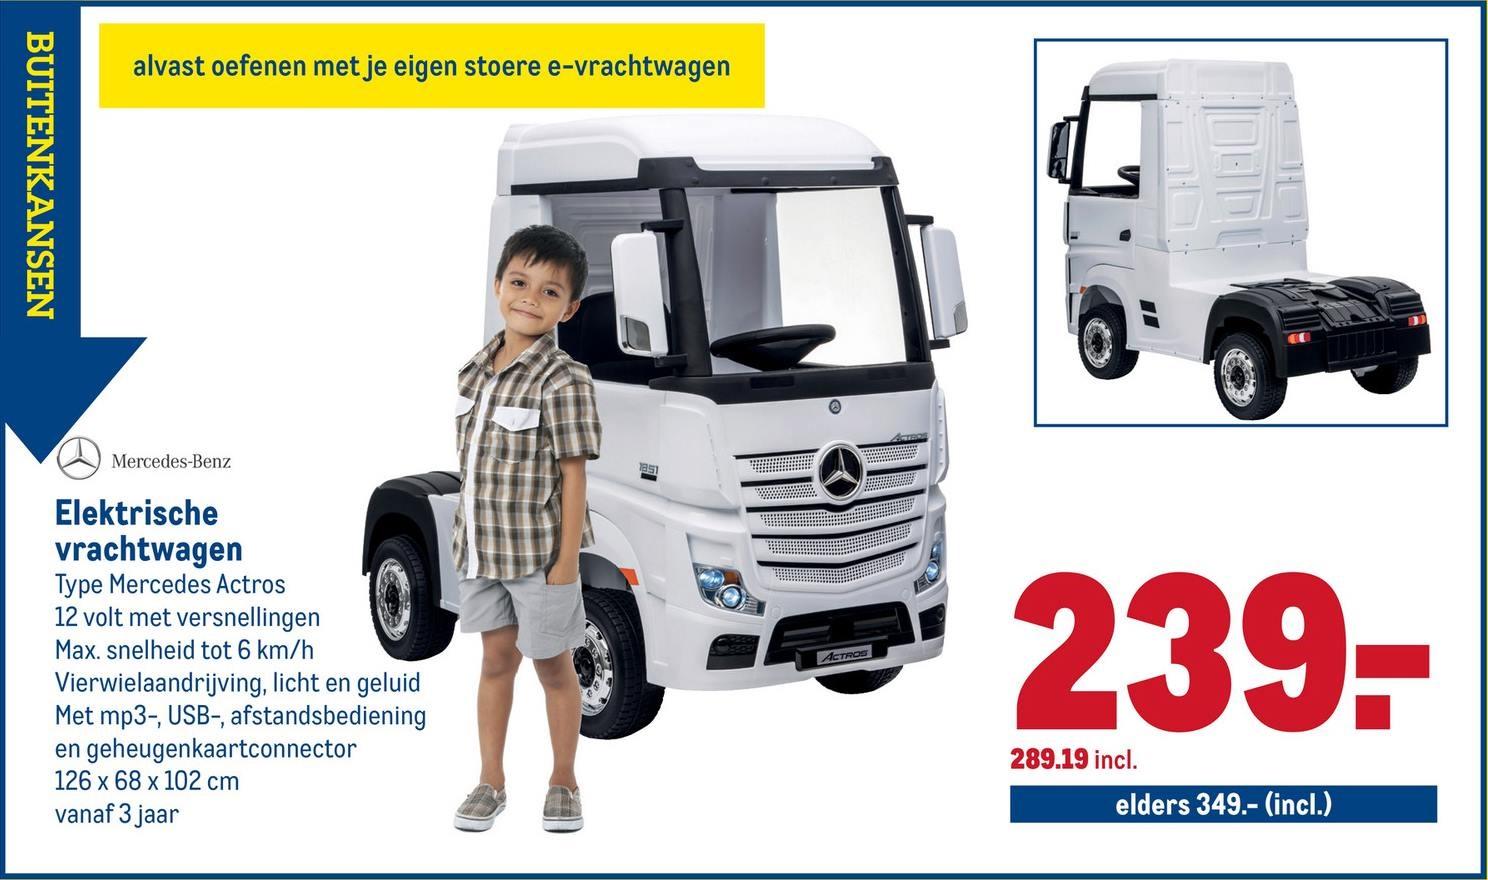 Makro elektrische Mercedes Benz vrachtwagen speelgoed 2